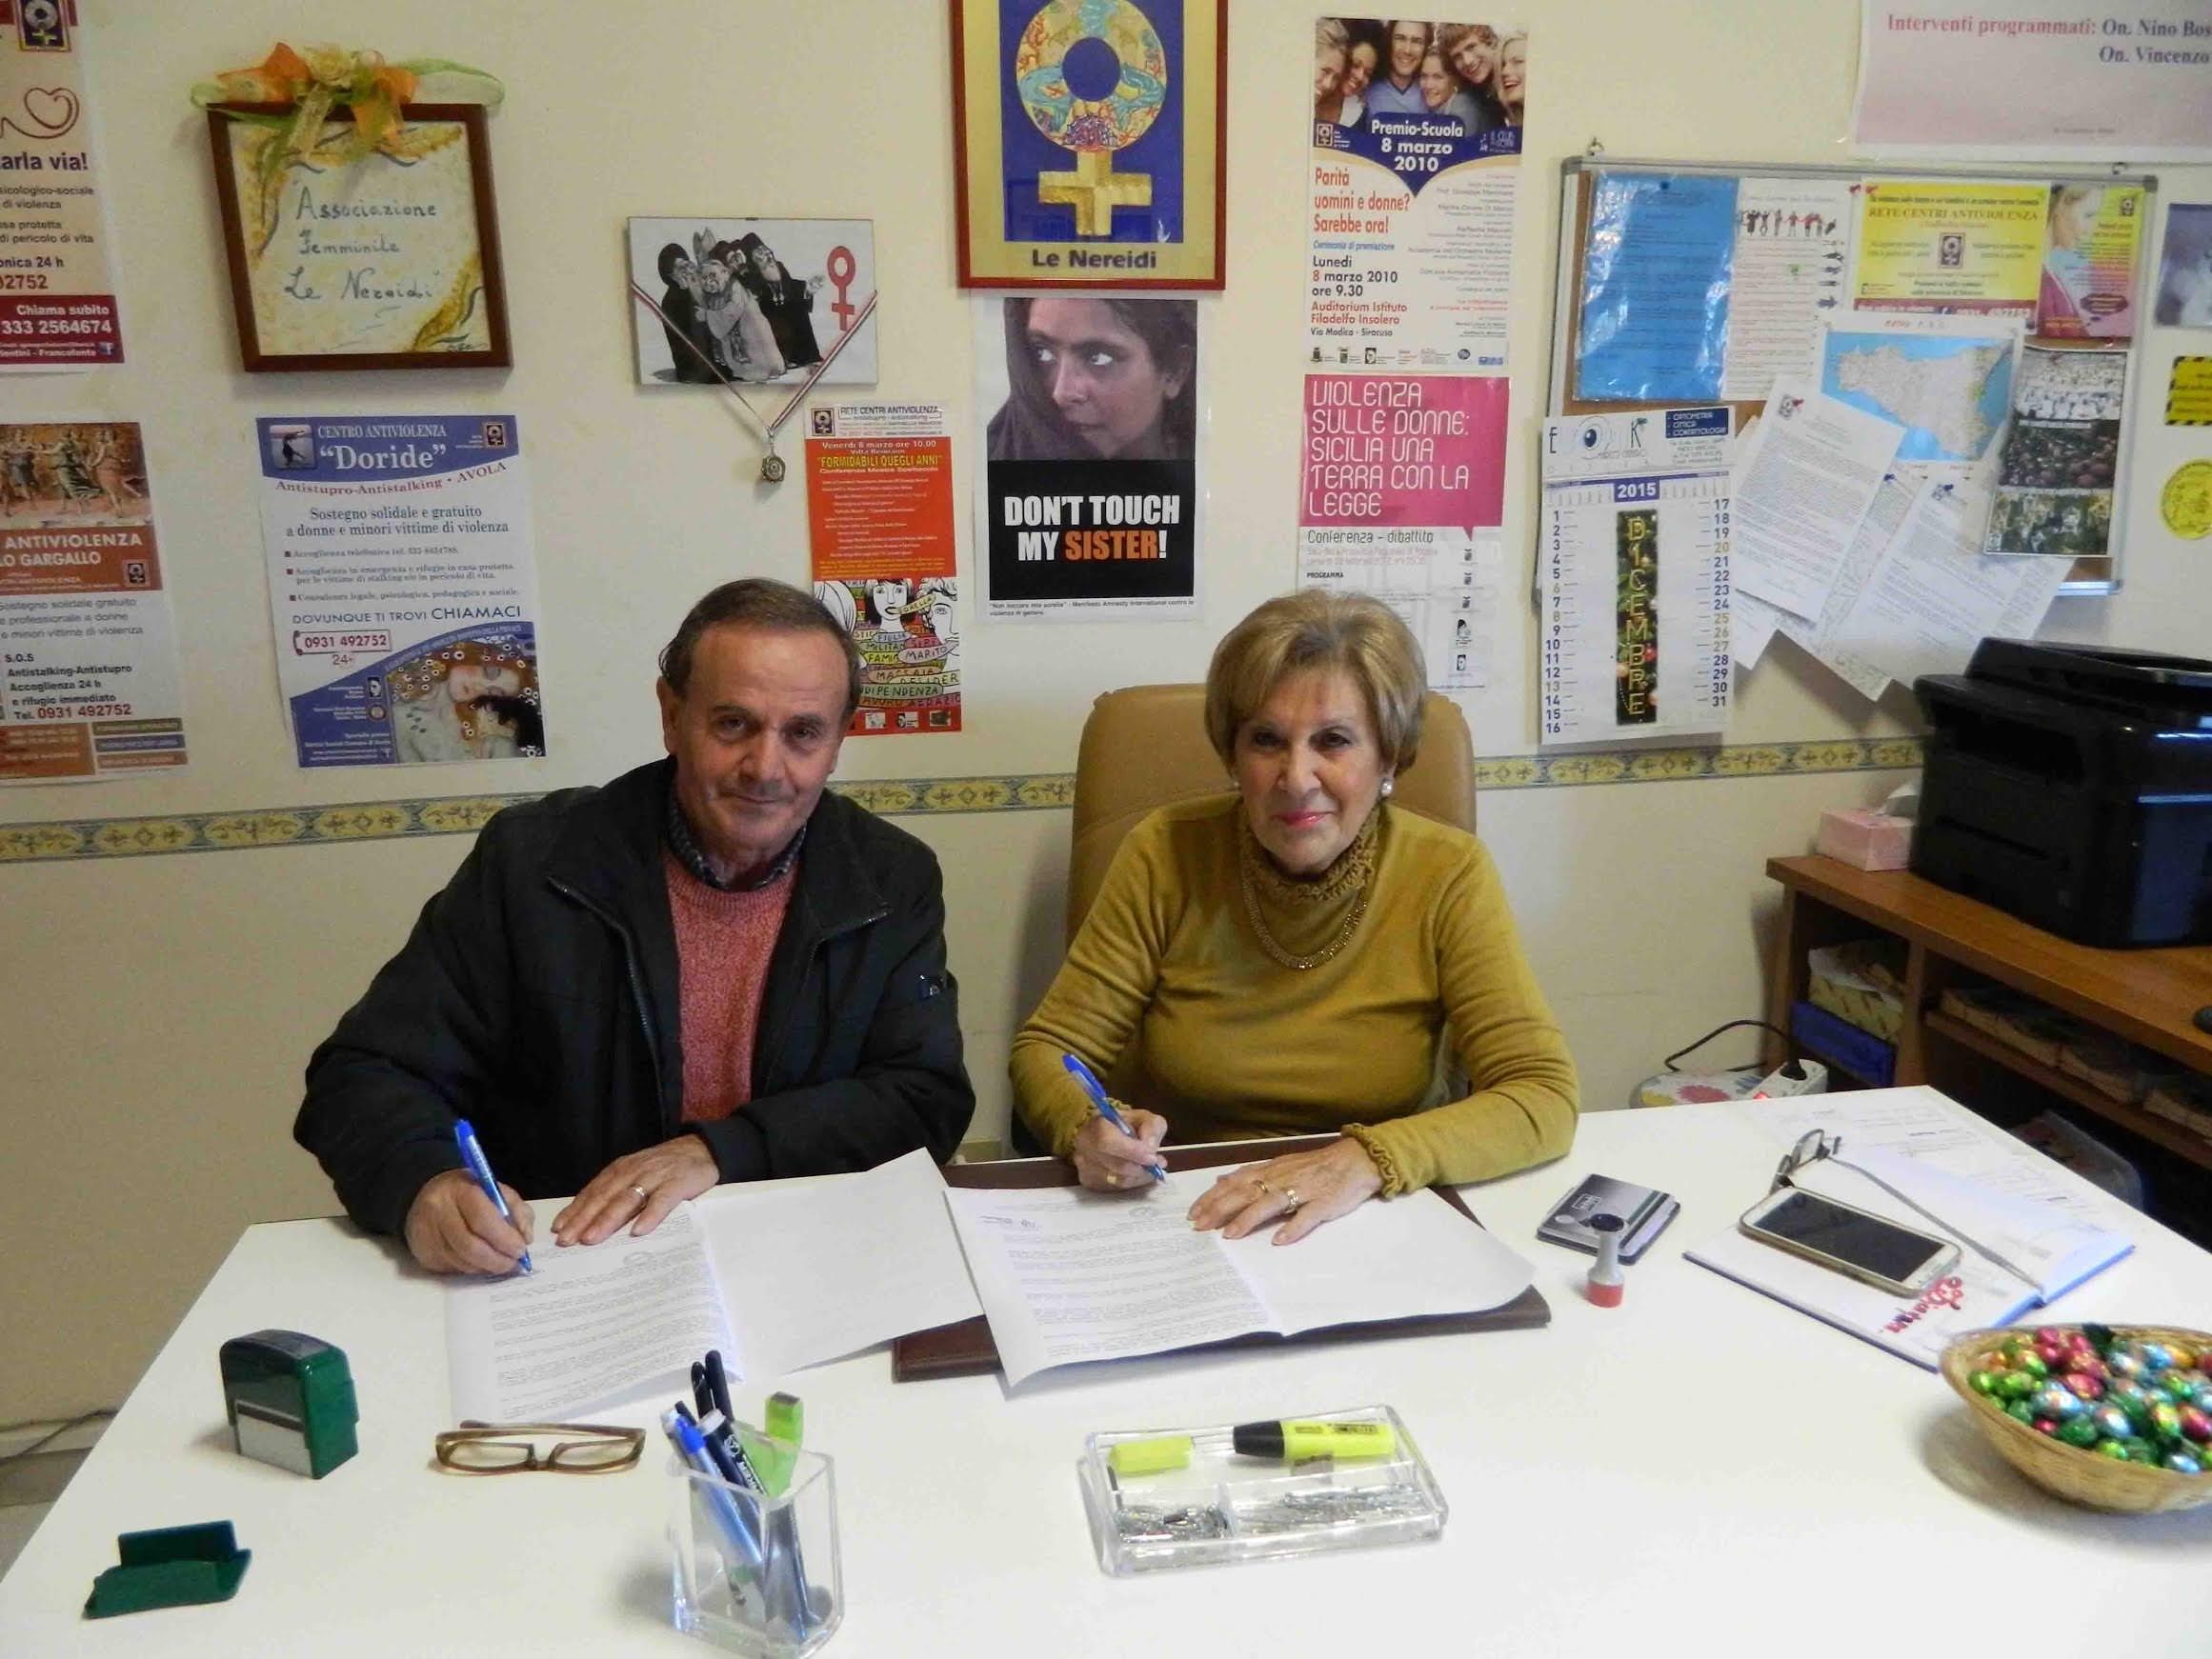 Siracusa, firmato protocollo d'intesa tra Mdc e Rete centri antiviolenza